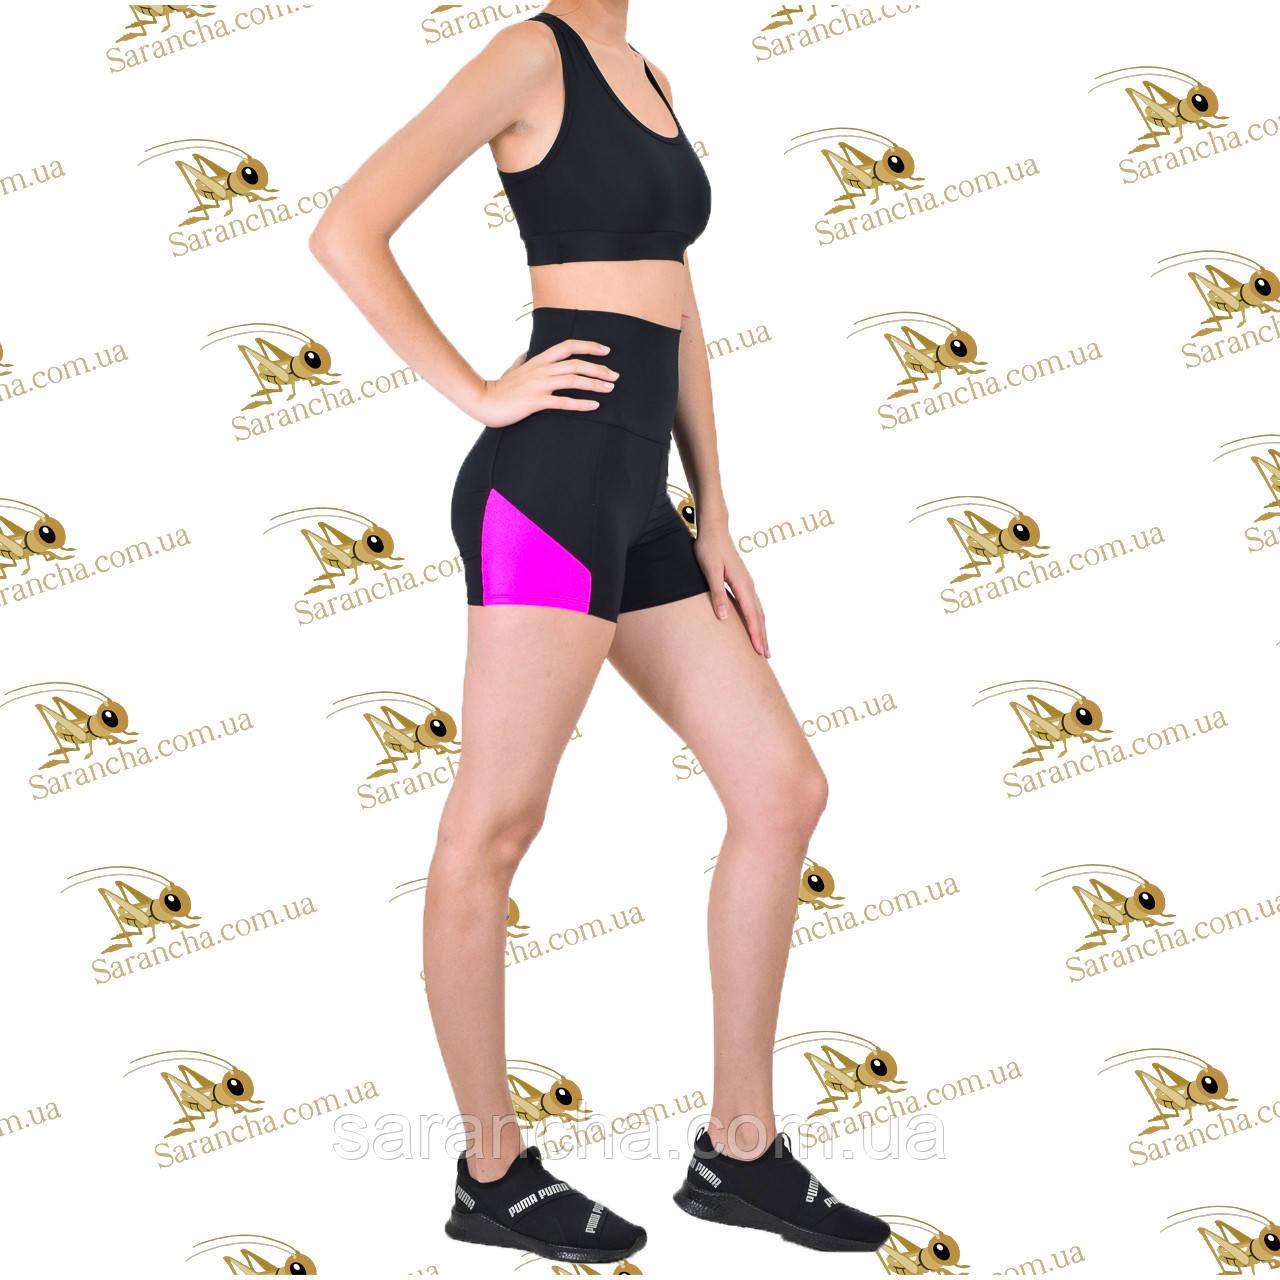 Женский спортивный комплект шорты с цветными ярко-розовыми вставками и топ черного цвета